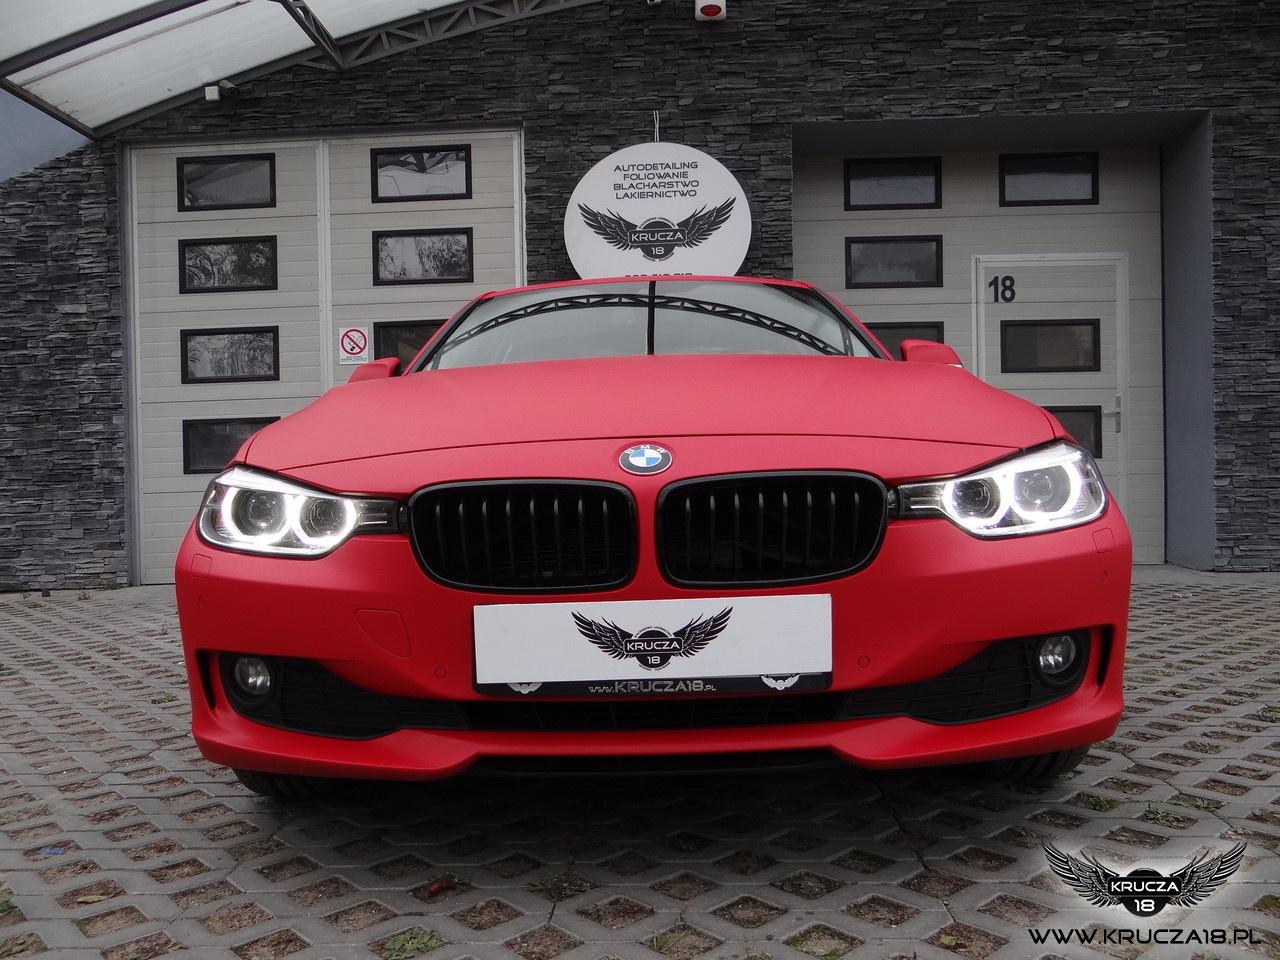 BMW 3 : zmiana koloru auta folią : F1 Racing : oklejanie : Krucza18 : Osielsko/k.Bydgoszczy